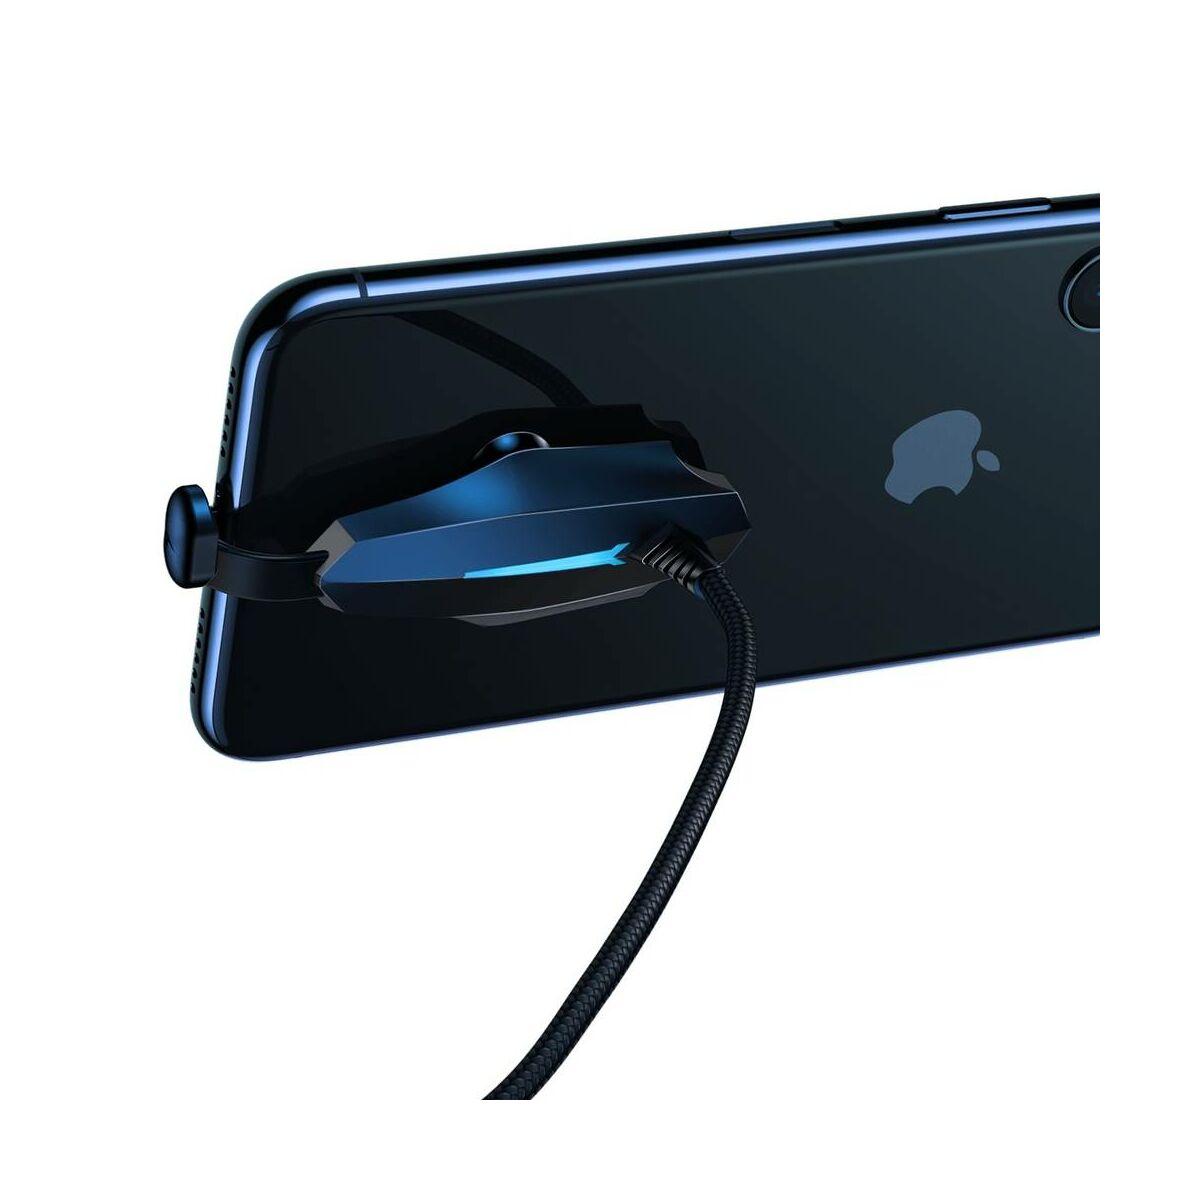 Baseus Lightning Colourful Suction Mobil Játék adatkábel, 2.4A, 1.2m, fekete (CALXA-A01)